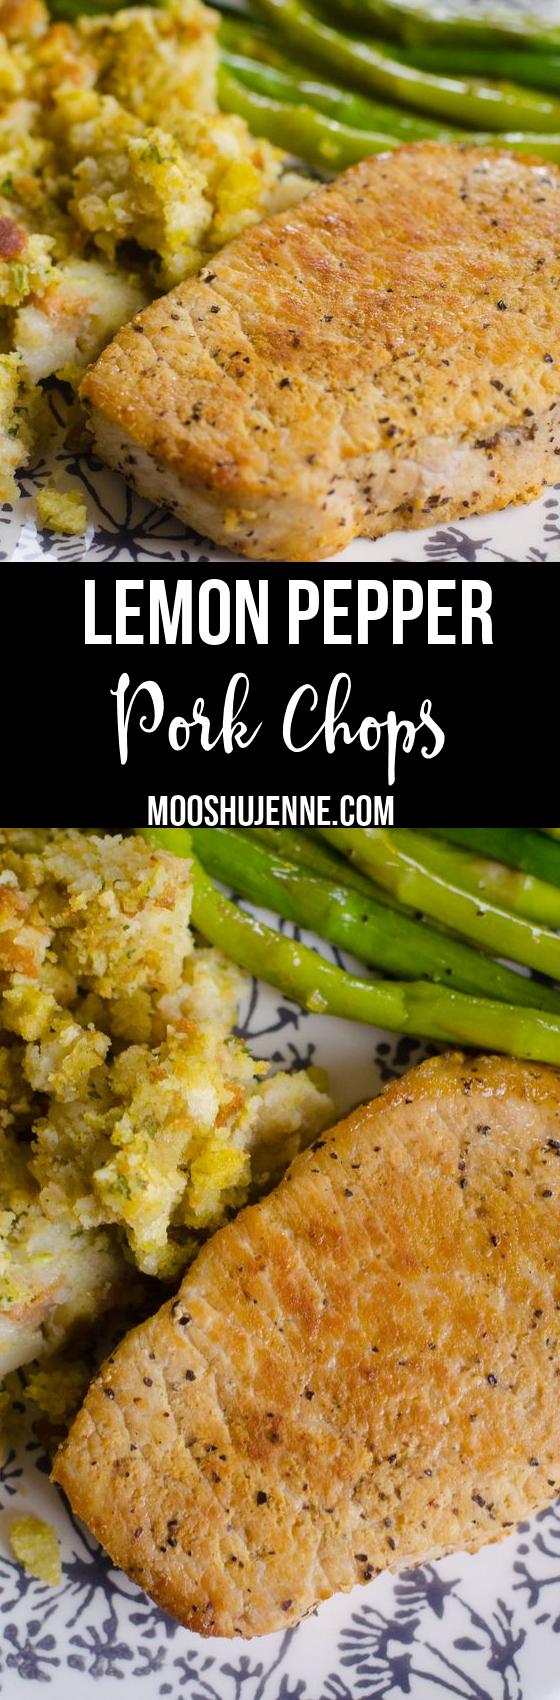 Lemon pepper is that spice that I love on tomatoes or pork. Yes, fresh tomatoes and lemon pepper. Which is why I love these Lemon Pepper Pork Chops via @mooshujenne